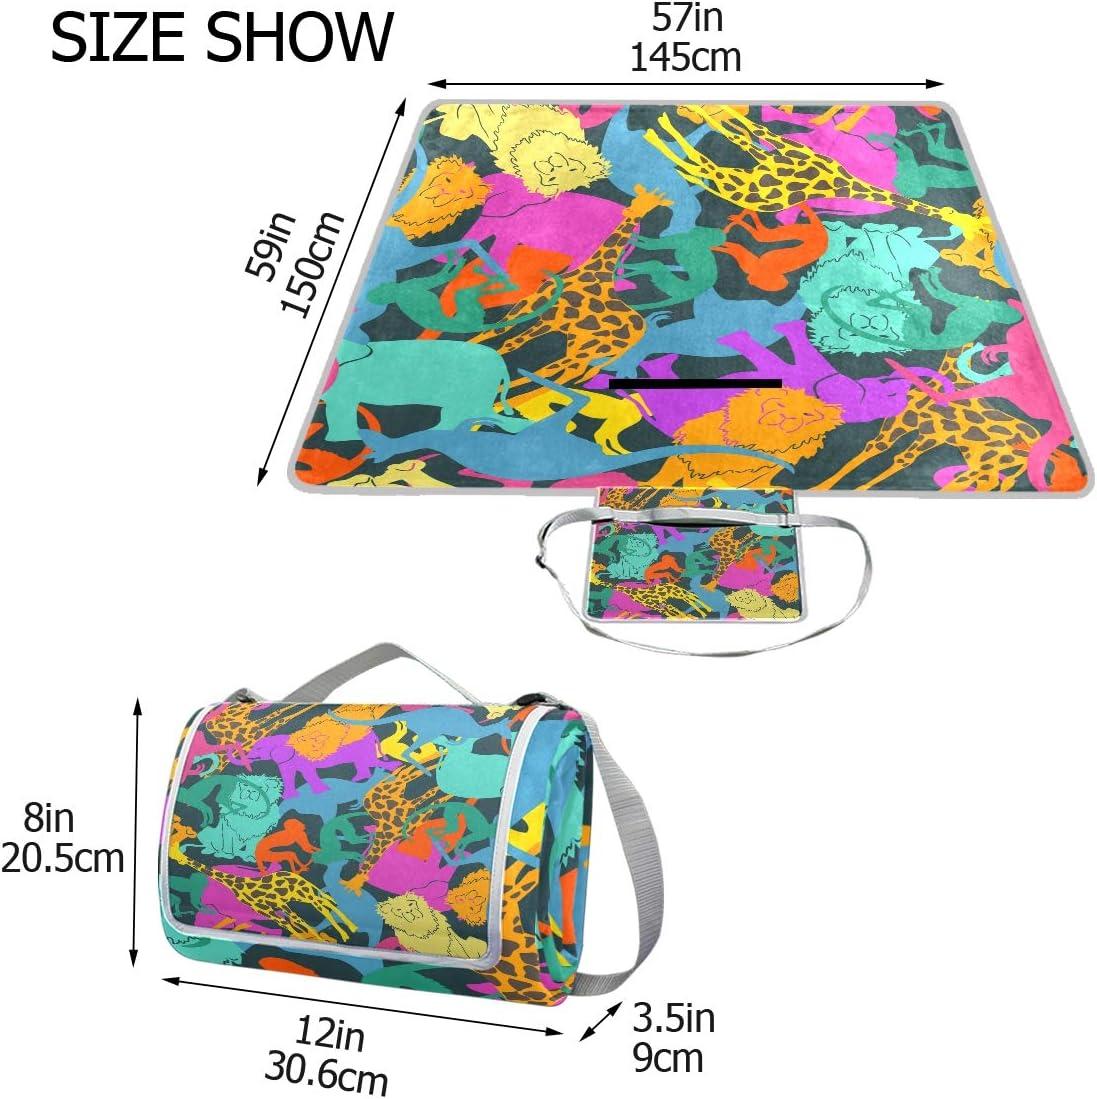 XINGAKA Coperta da Picnic Tappetino Campeggio,Reticolo Senza Giunte della Renna Divertente sul Colore Rosa,Giardino Spiaggia Impermeabile Anti Sabbia 6